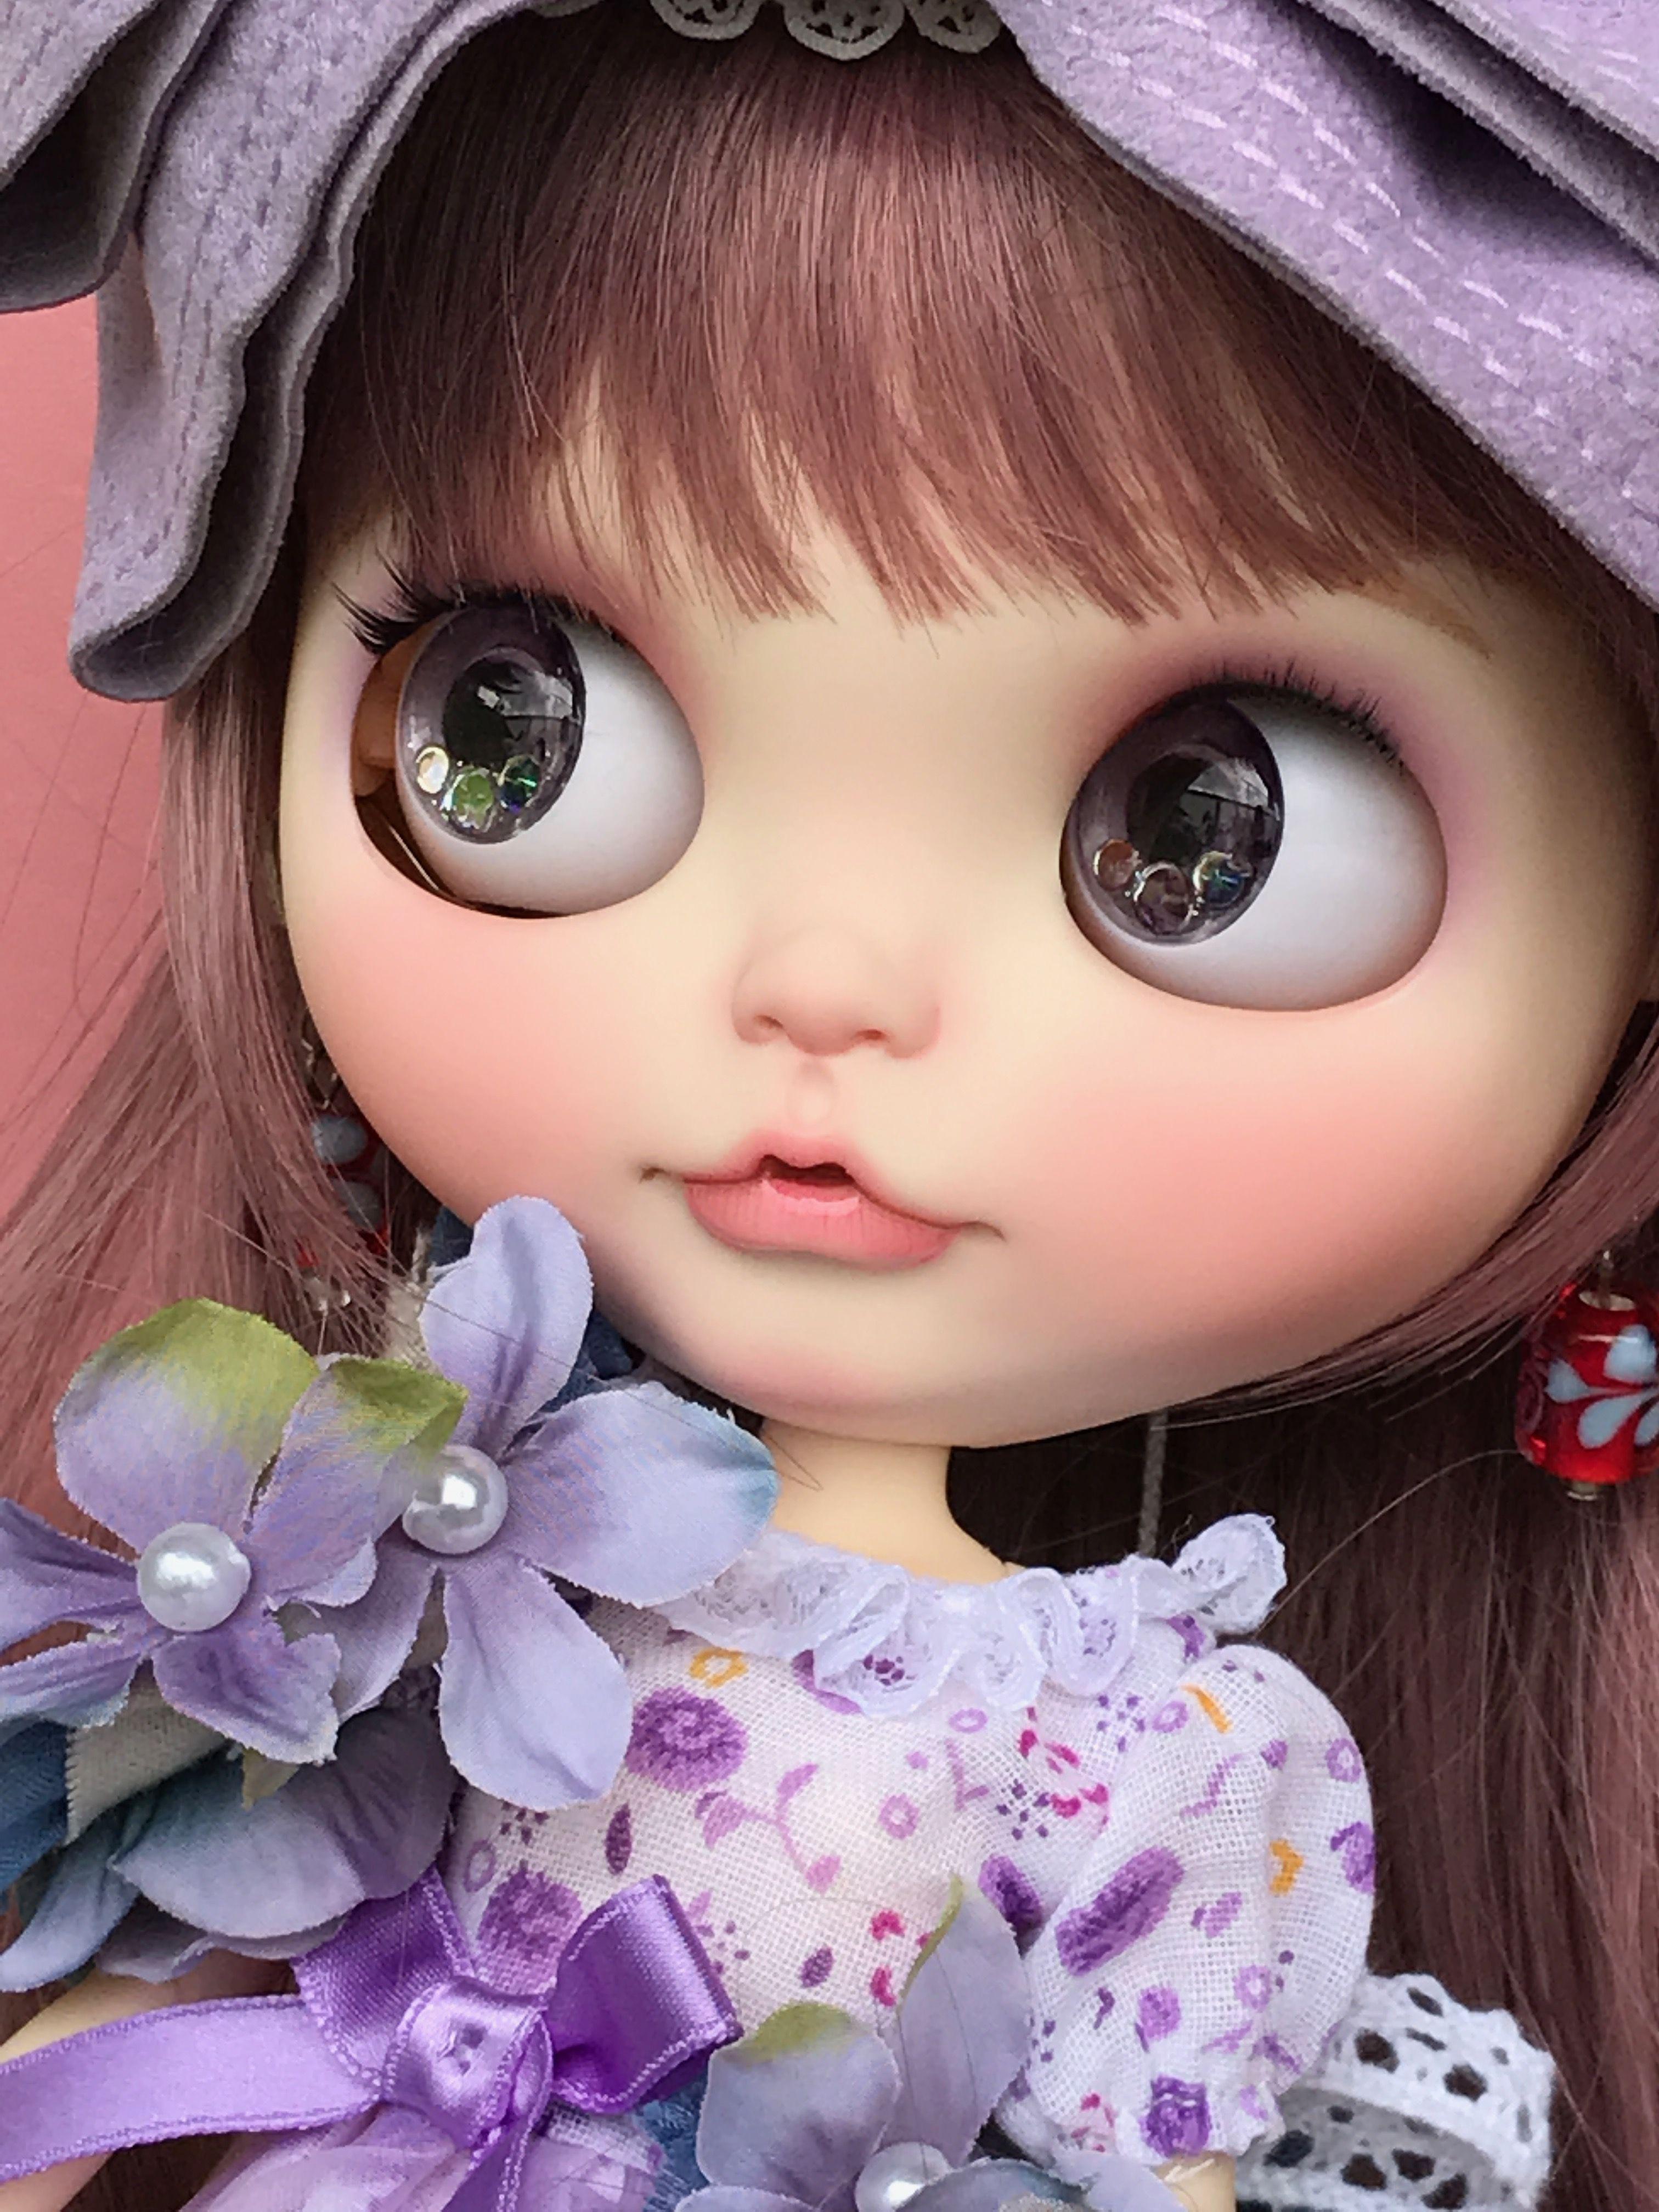 свежие частные куклы с серыми глазами картинки принципы